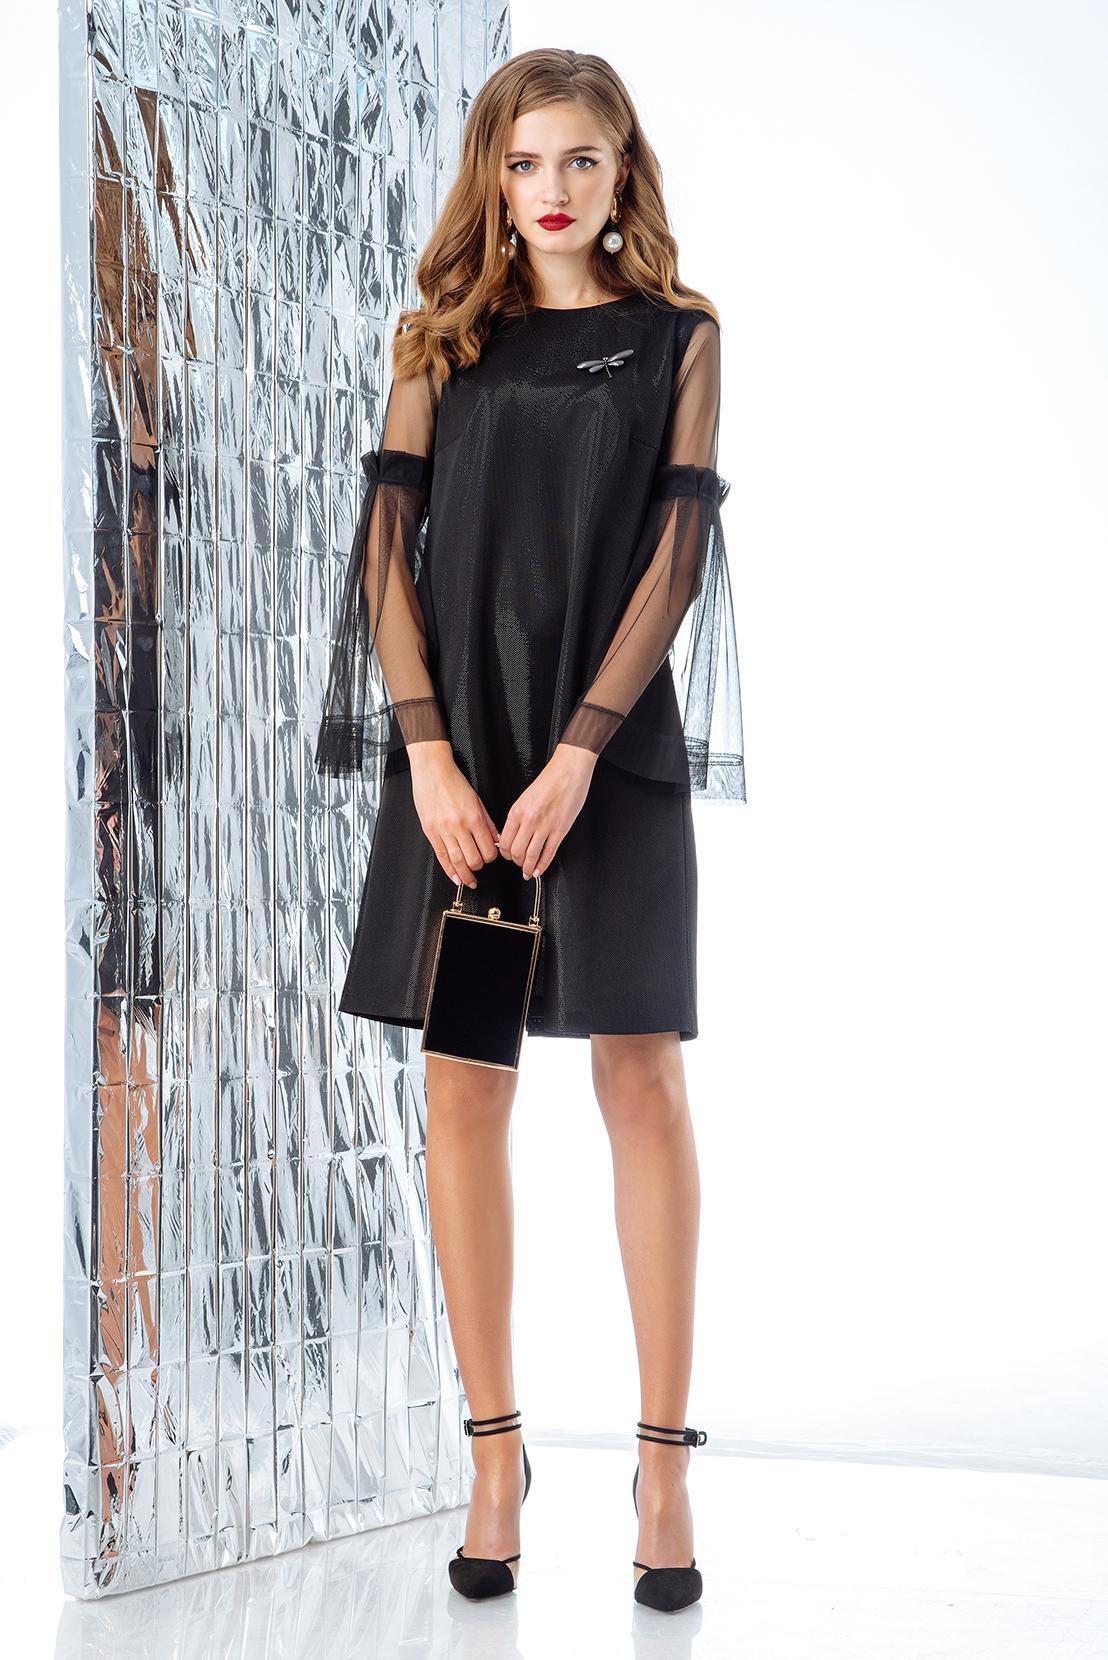 0ac89647a0653b7 Короткие платья мини купить, короткое платье в Астане, Алматы. eModa  интернет-магазин одежды в Казахстане